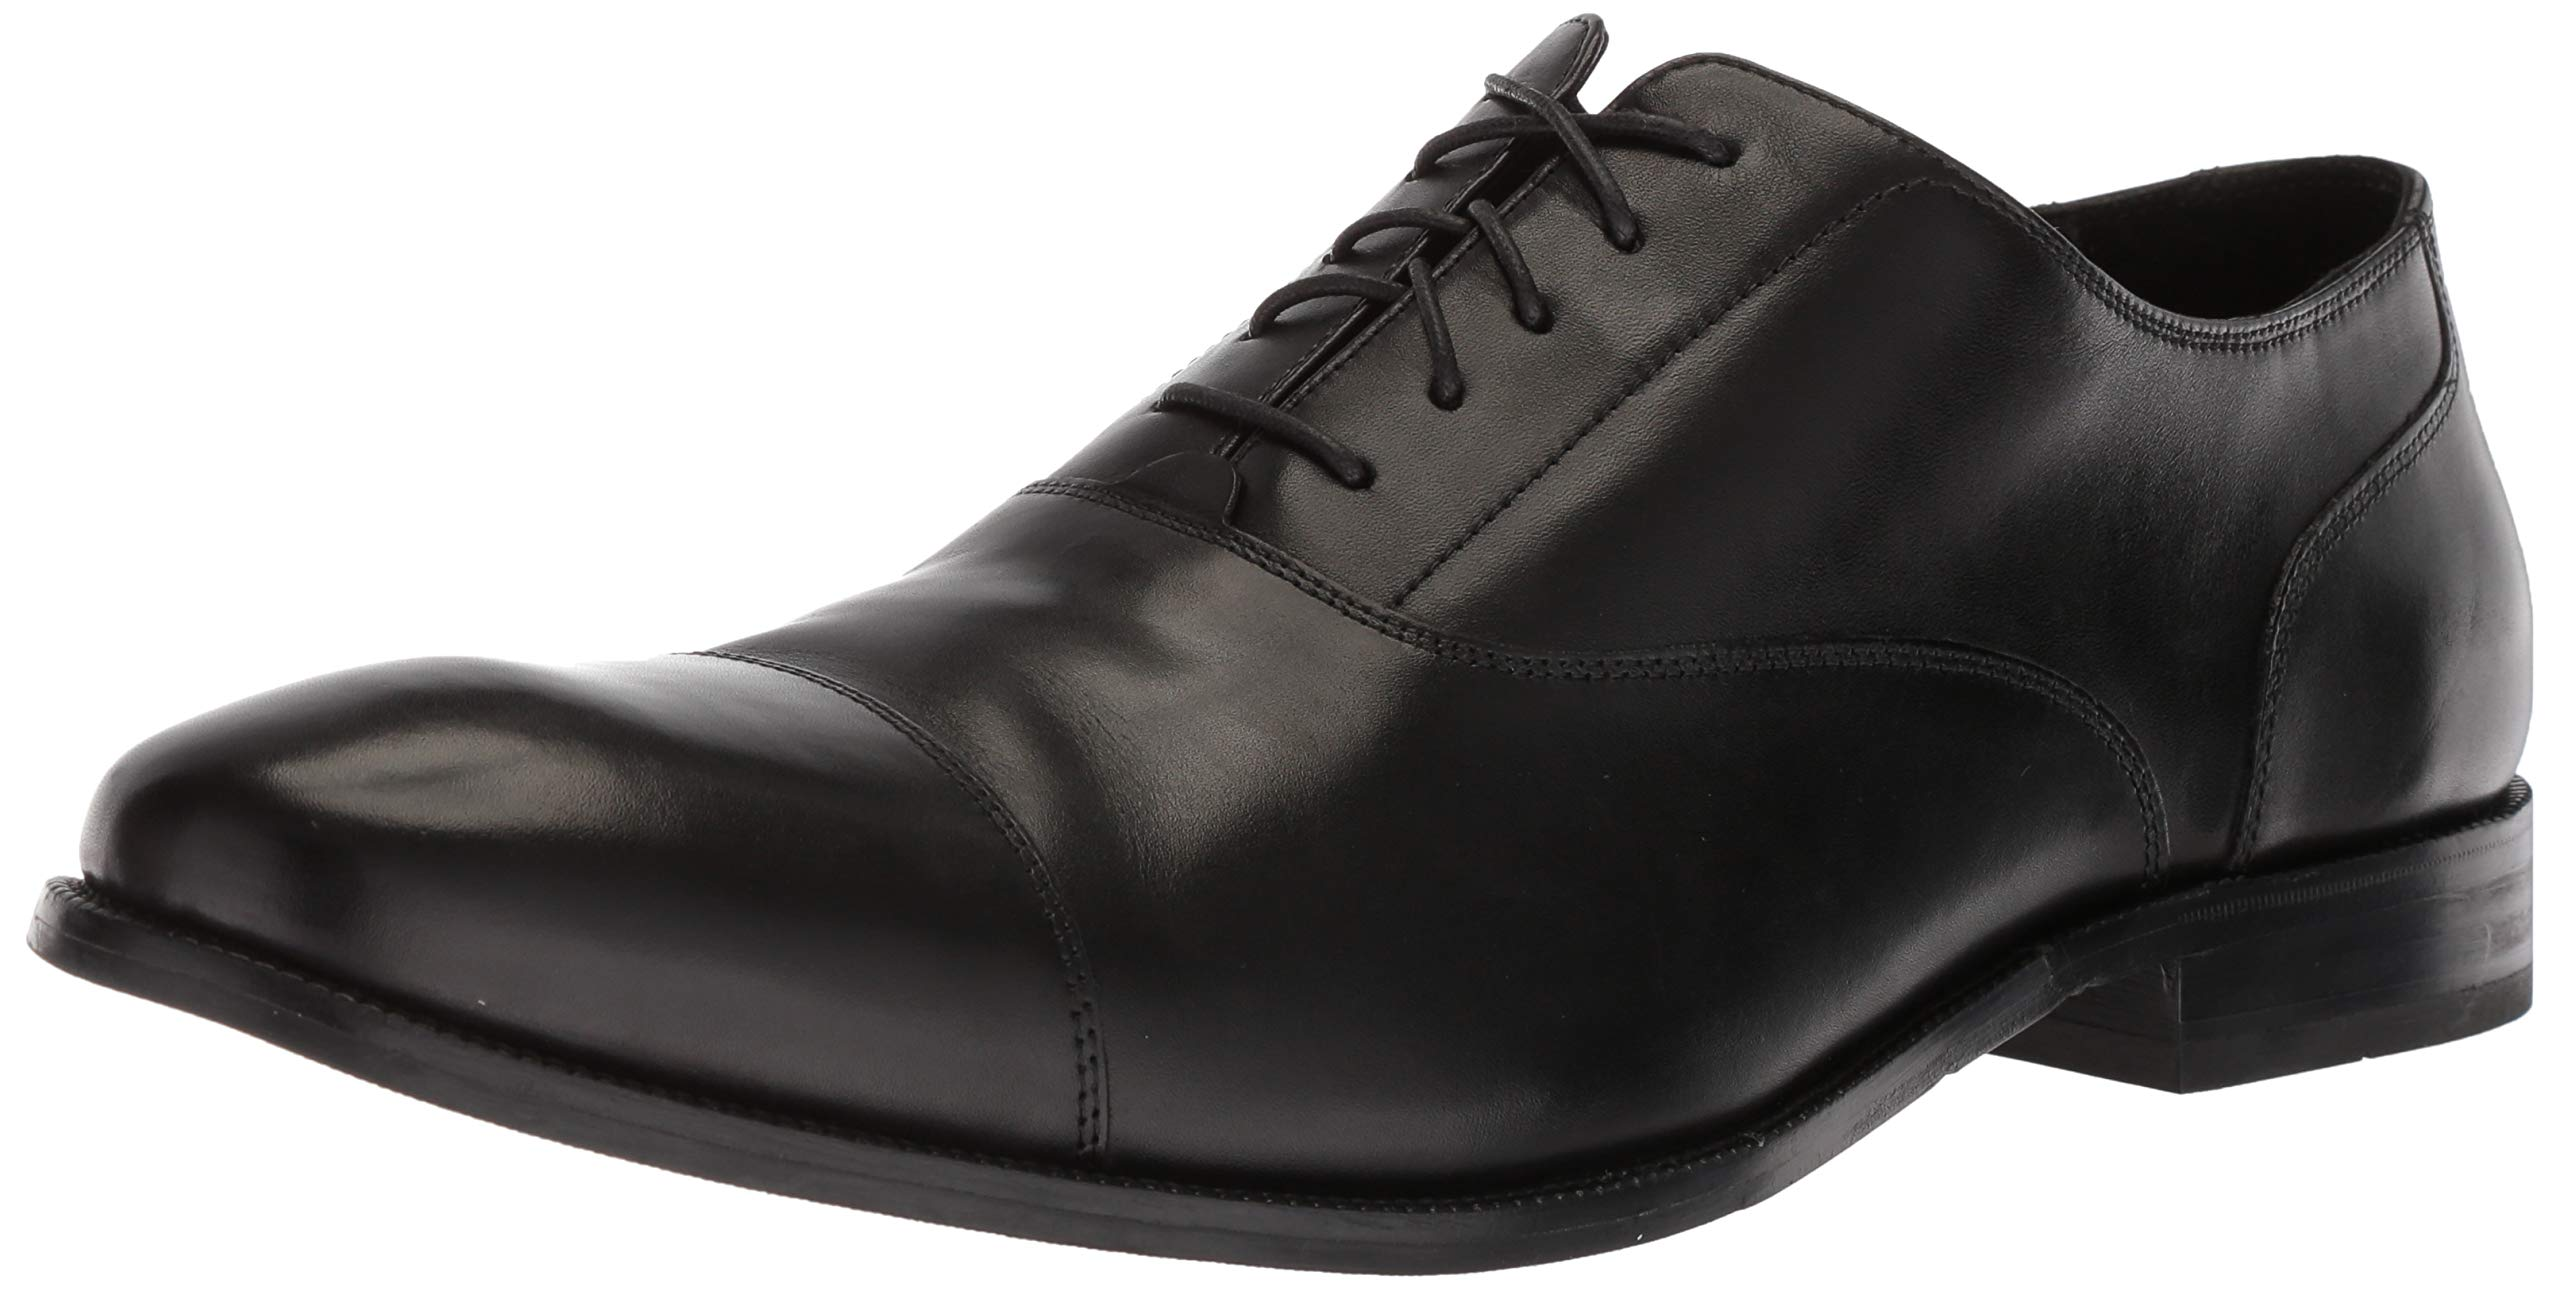 Cole Haan Men's Williams Cap Toe Oxford, Black, 10 M US